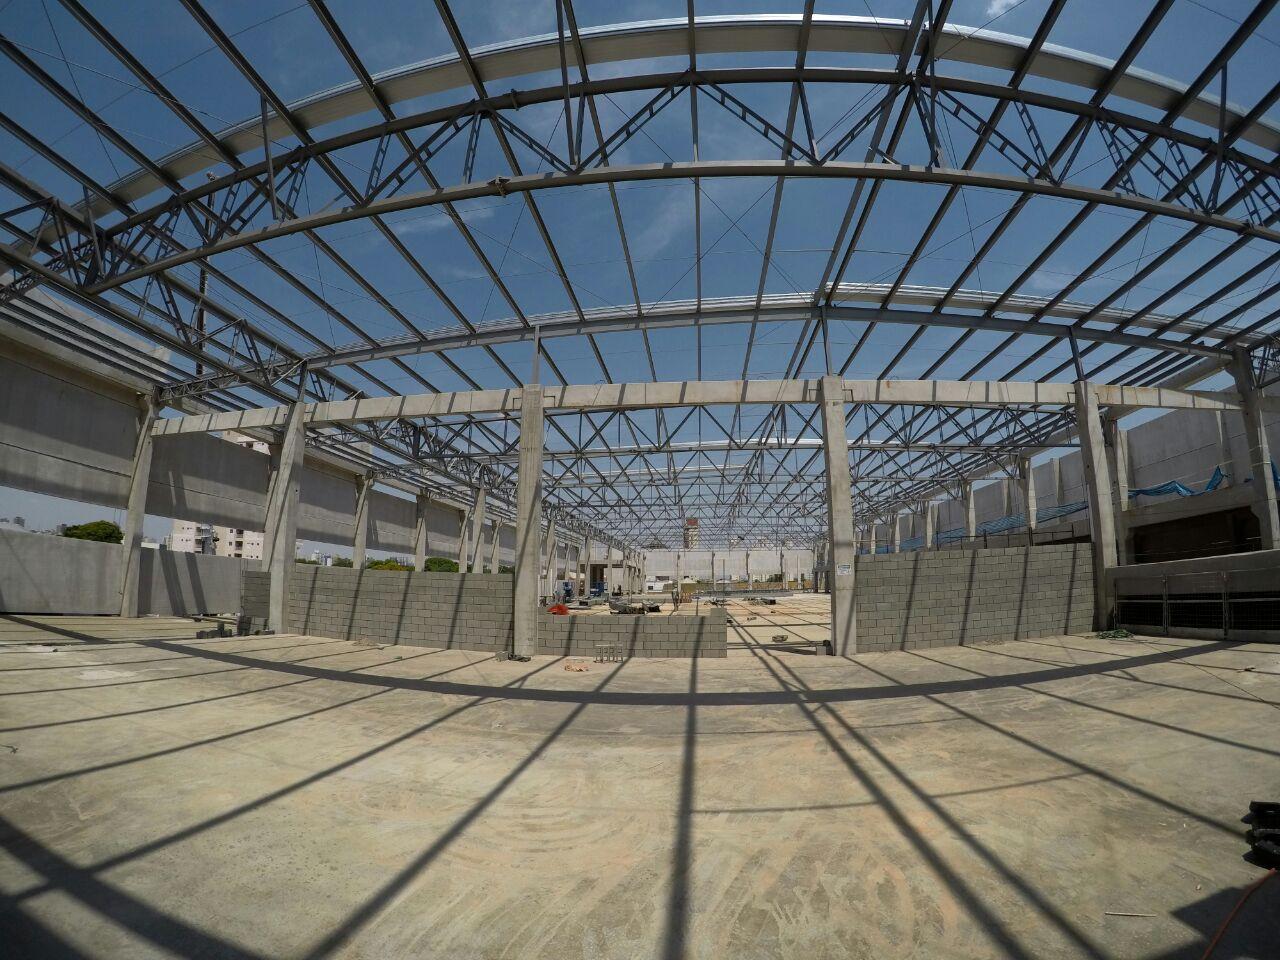 239552965bd0d A Rede de Supermercados Pague Menos inicia hoje o processo seletivo para  260 vagas operacionais para a nova loja na cidade de Piracicaba, localizada  na Vila ...